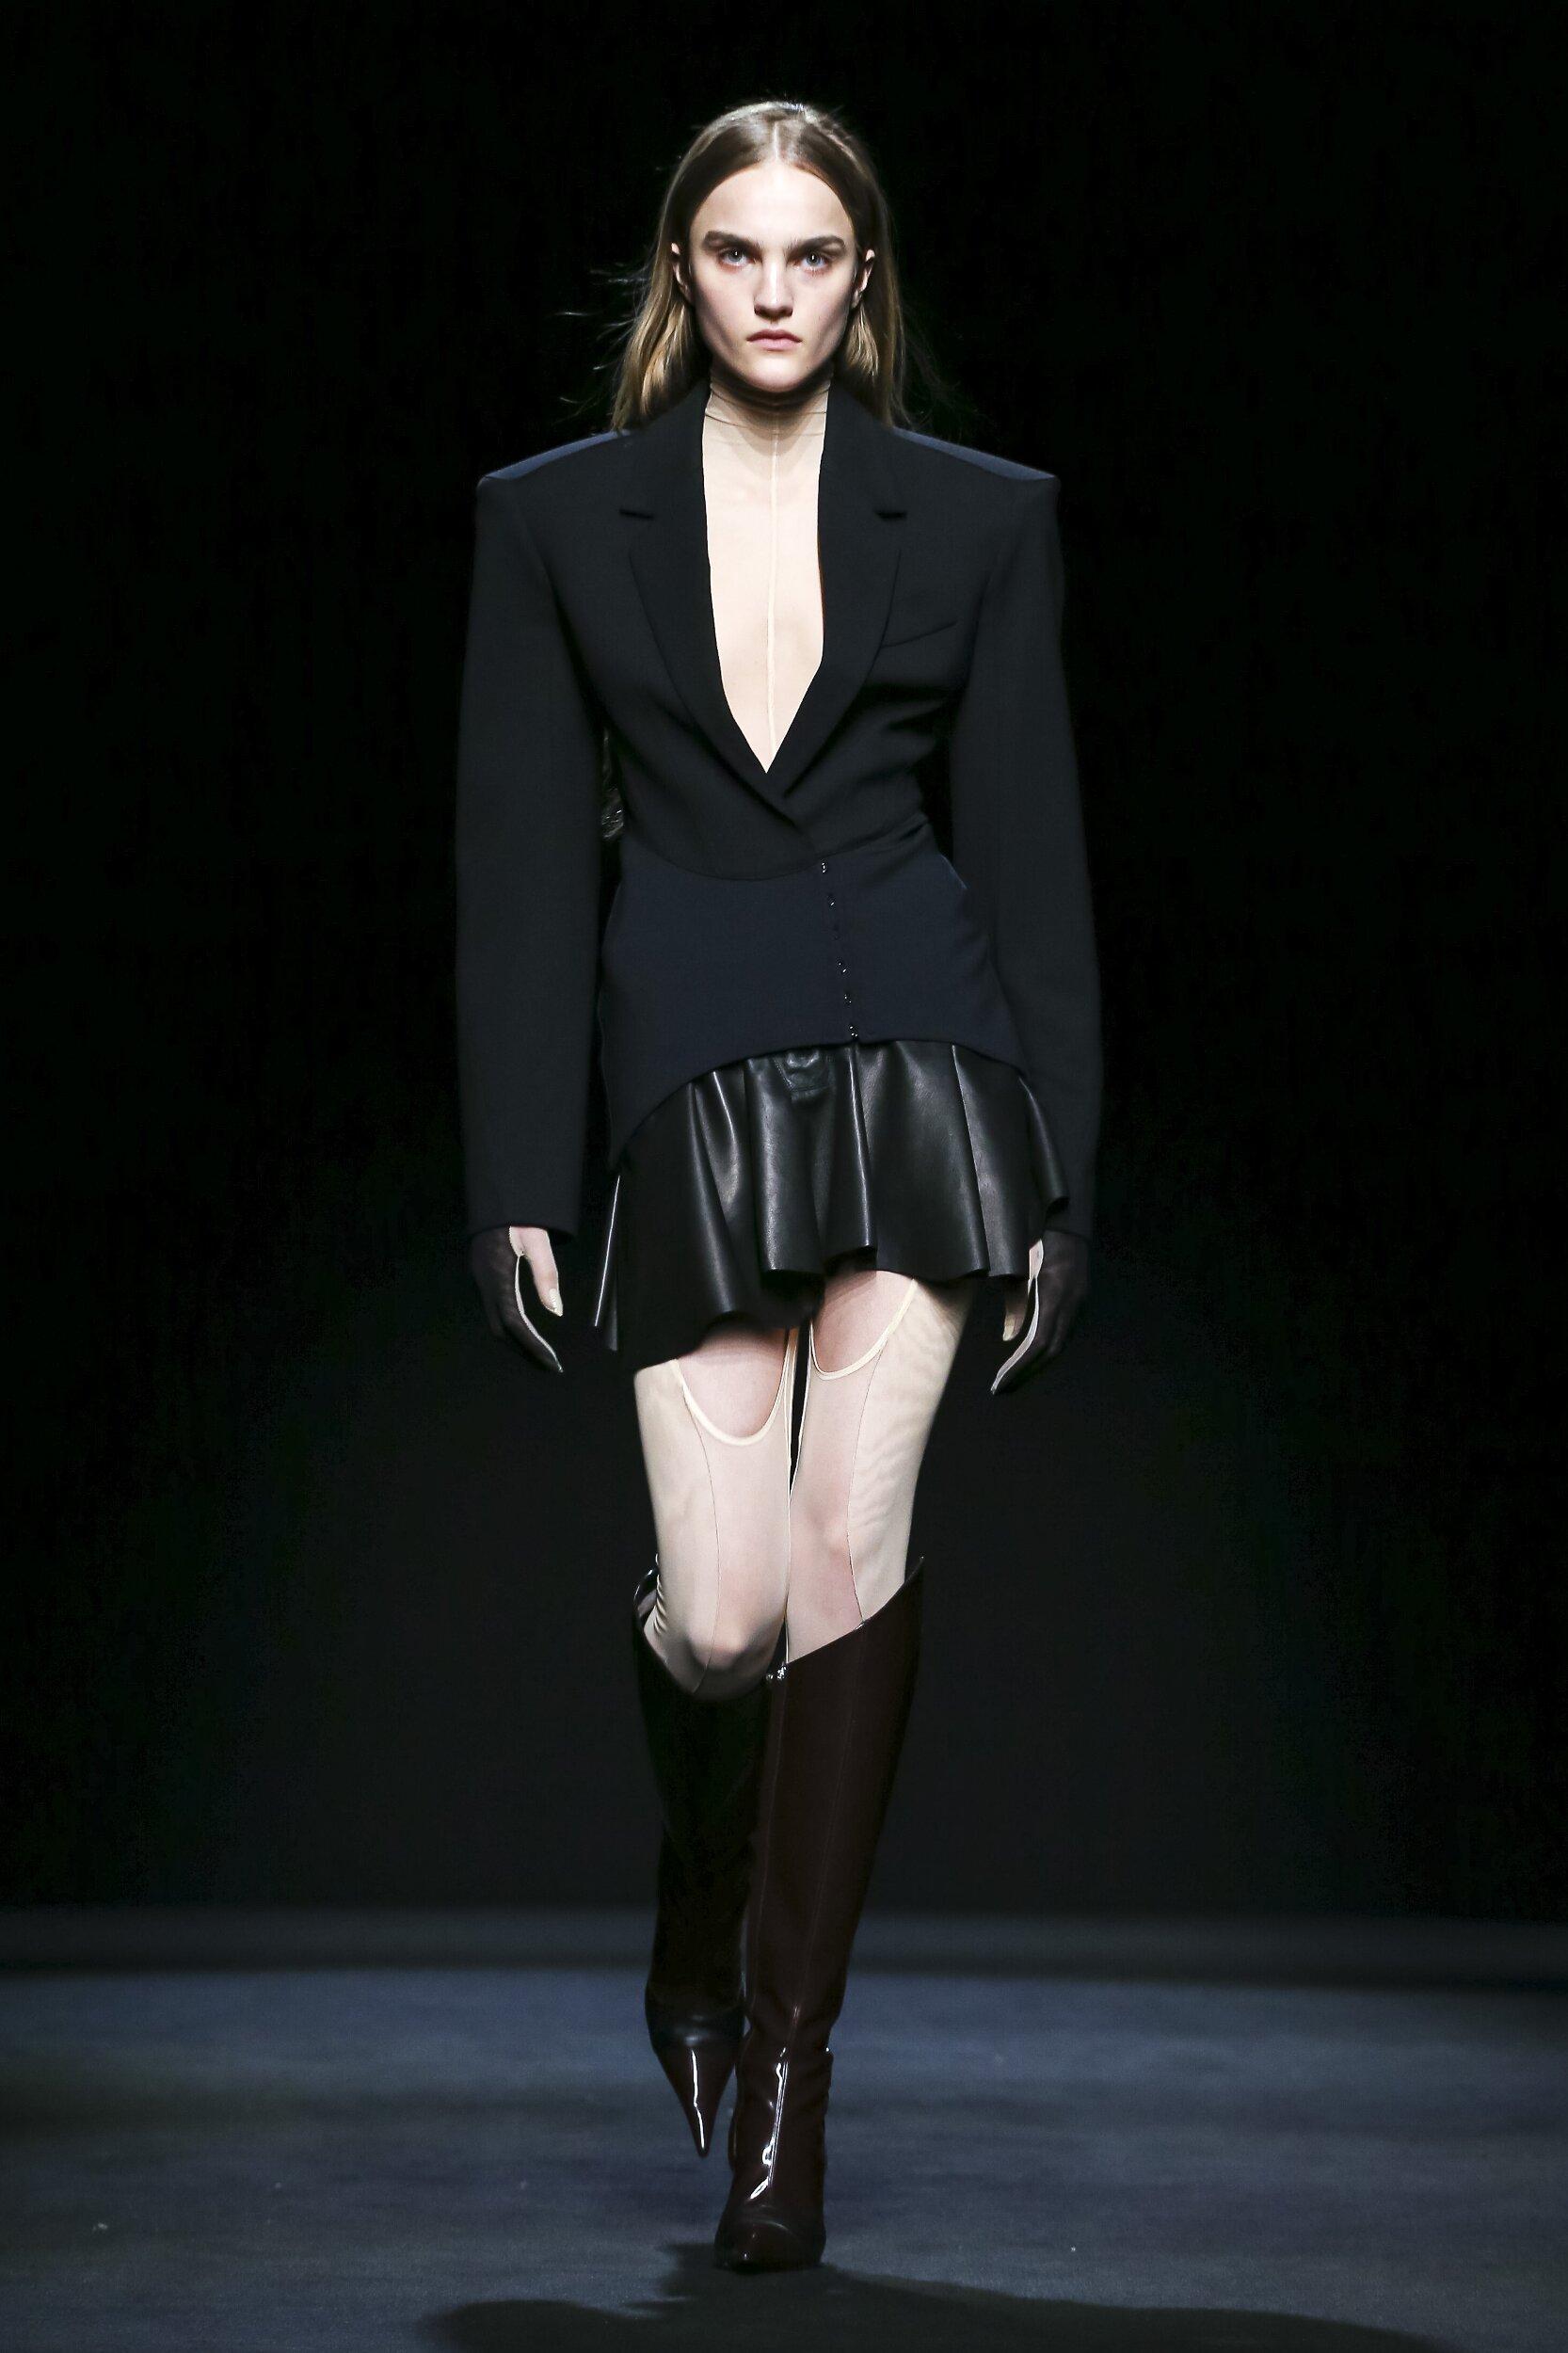 Mugler FW 2020 Womenswear